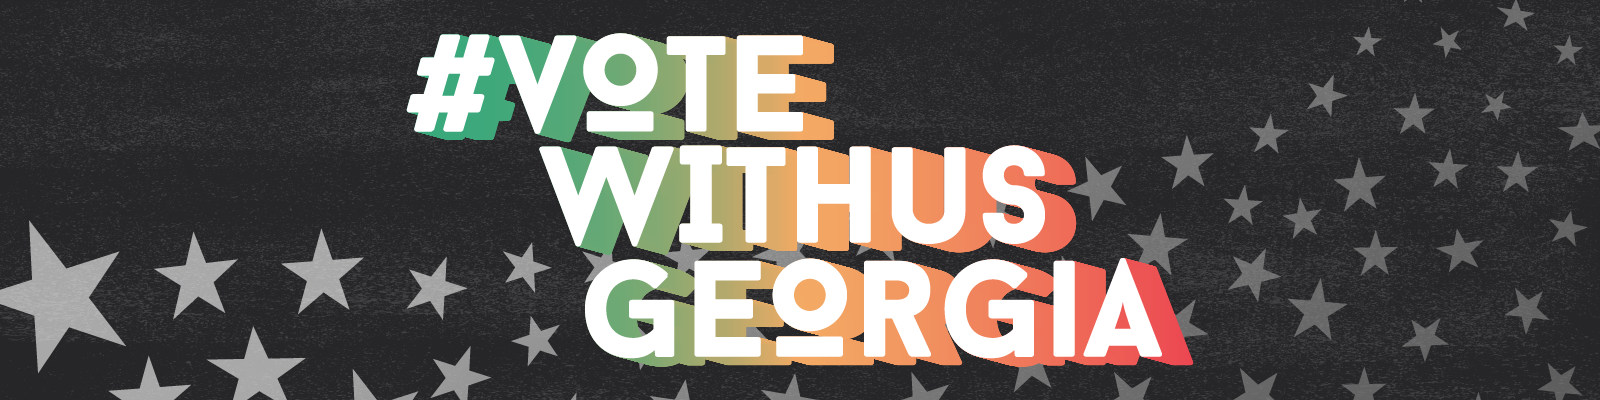 VoteWithUs Georgia